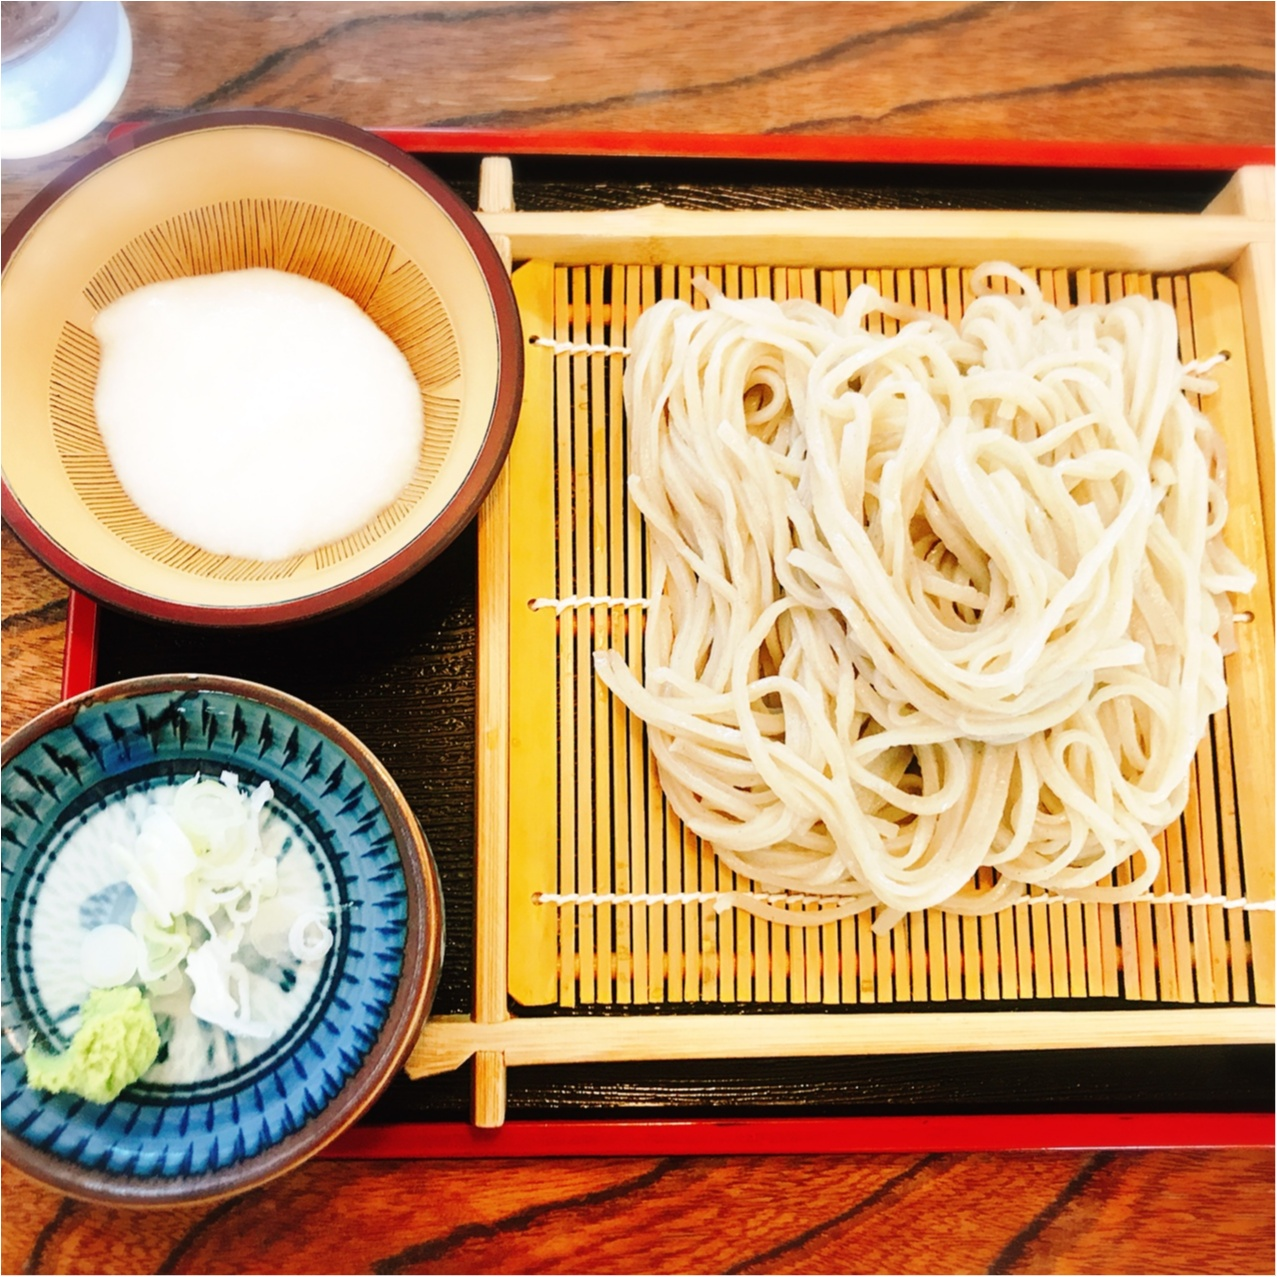 《長瀞グルメ》ライン下りのあとはココ♡「生そば たむら」の絶品お蕎麦と◯◯揚げ!_3_1